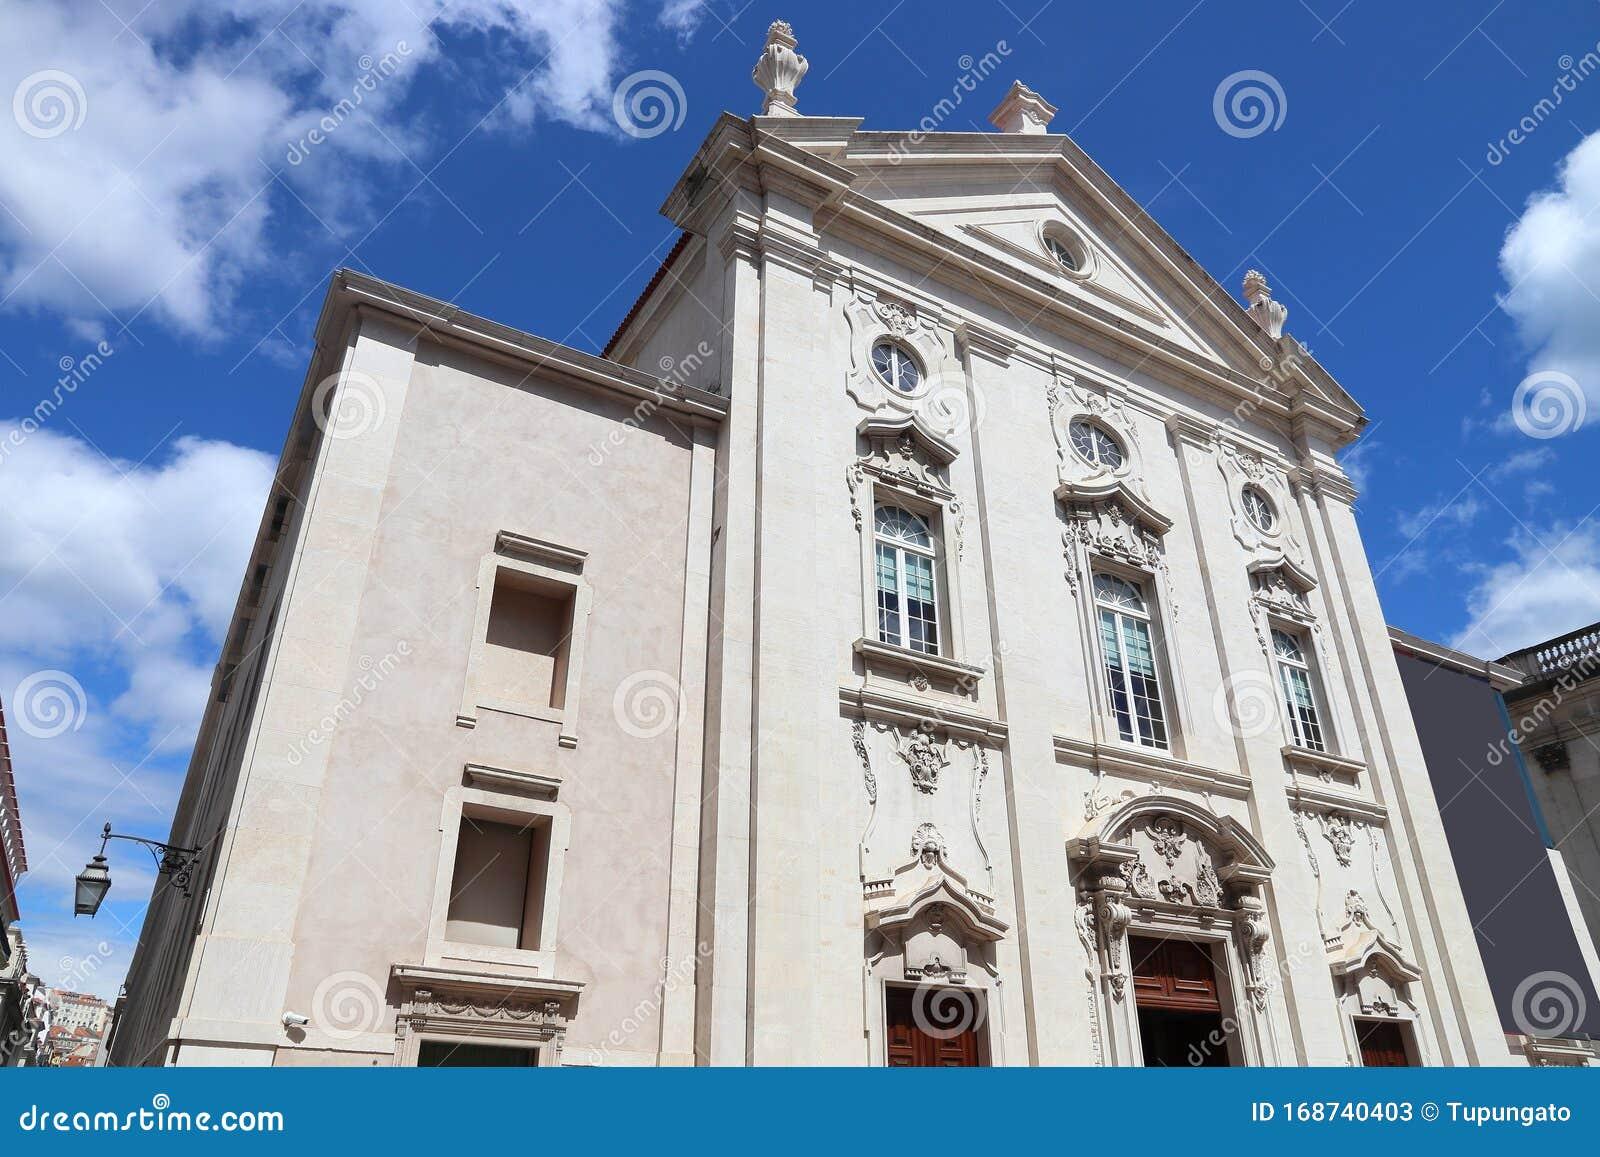 Banco De Portugal, Lissabon Stockbild - Bild von eingebürgert, europäisch:  168740403